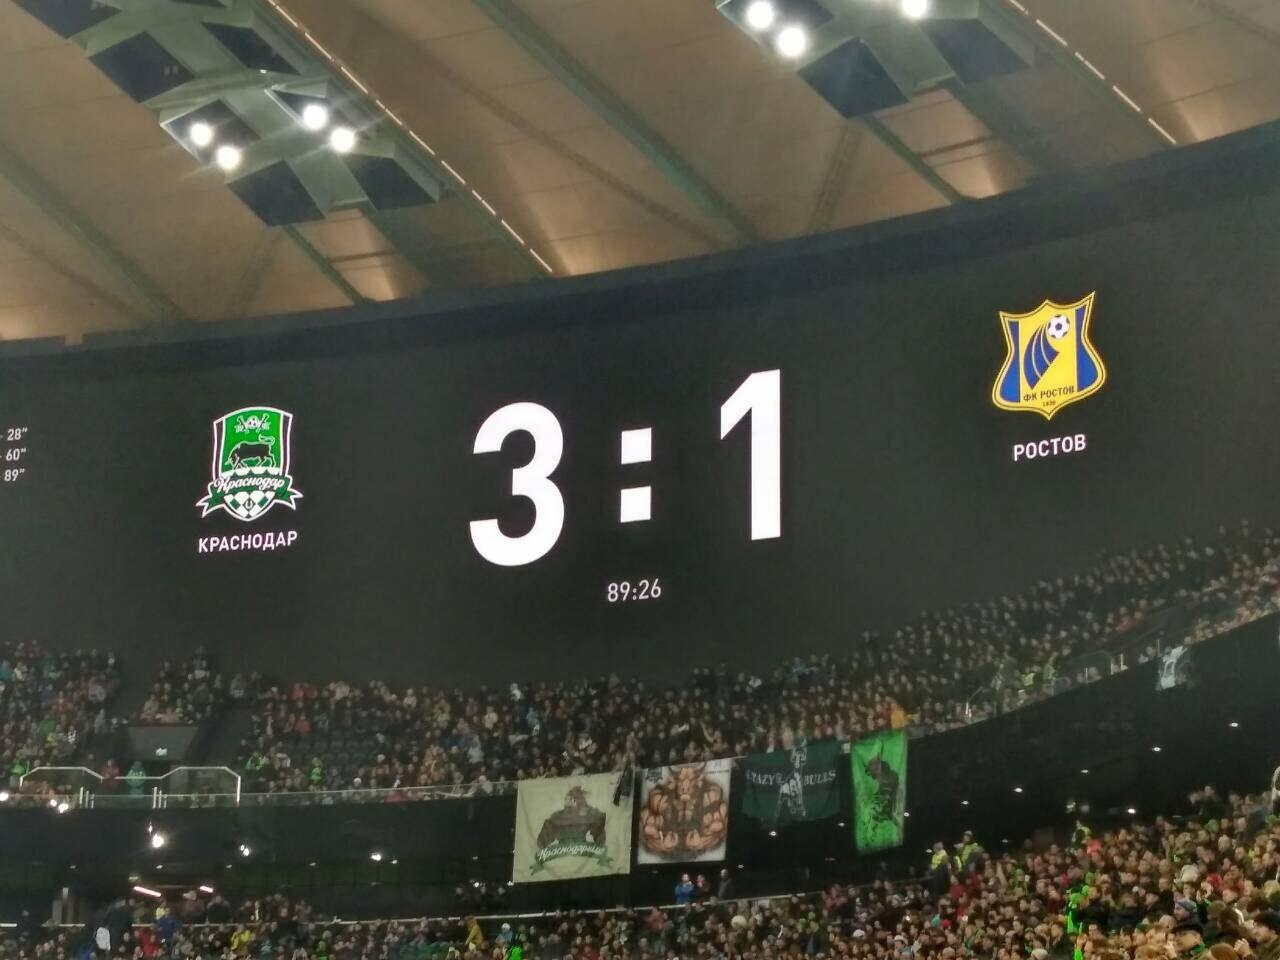 ФК «Краснодар» иФК «Кубань» проведут первые официальные матчи в текущем 2018 году